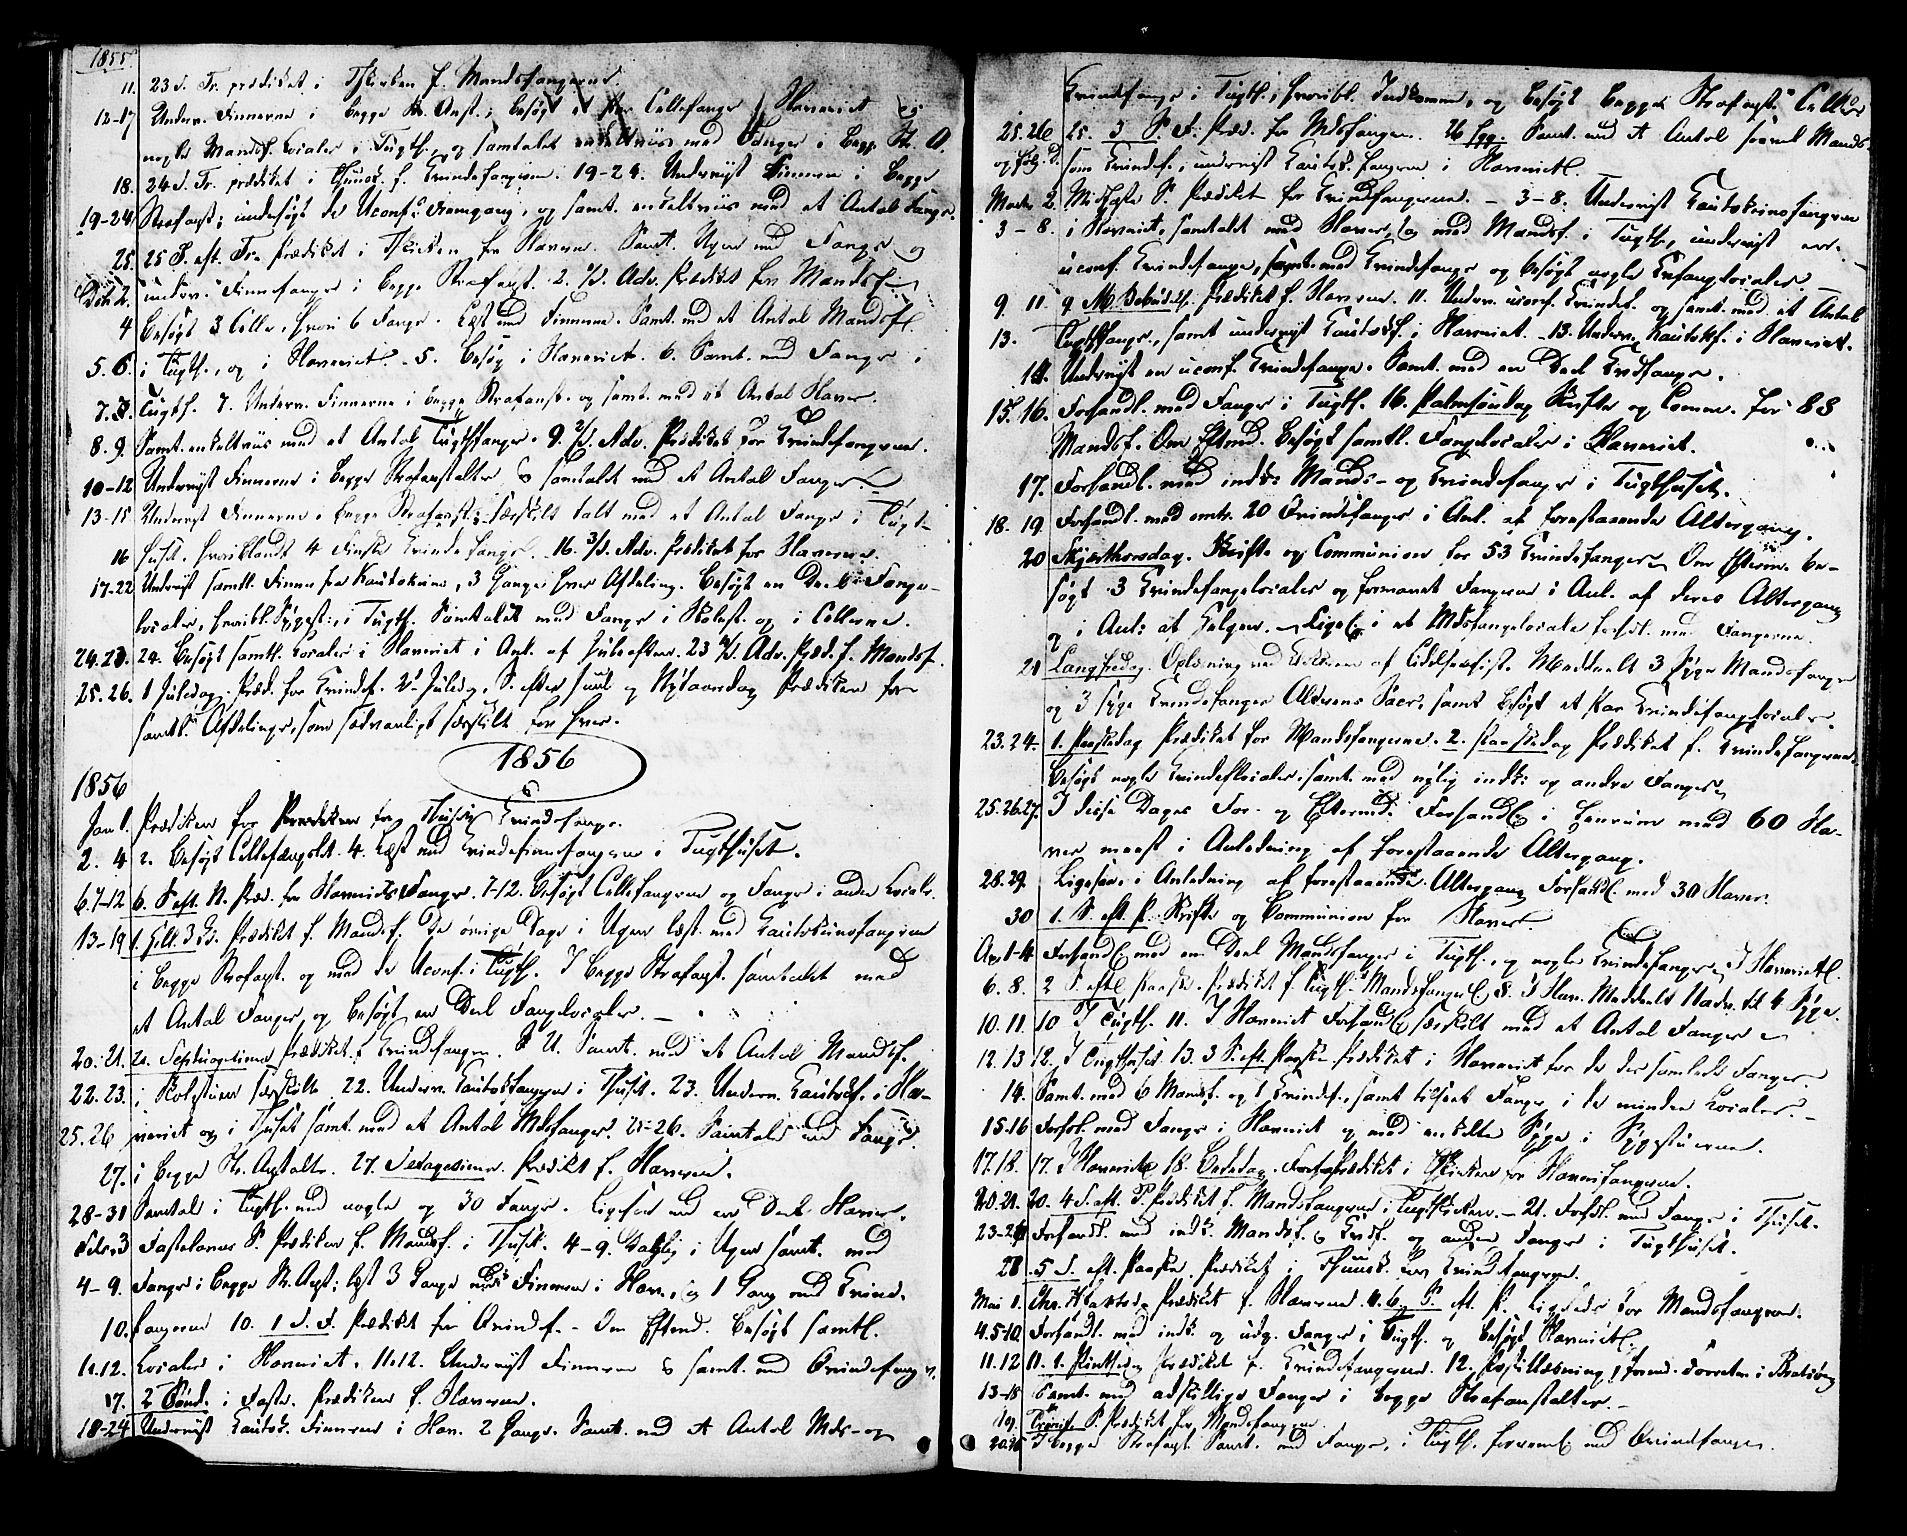 SAT, Ministerialprotokoller, klokkerbøker og fødselsregistre - Sør-Trøndelag, 624/L0481: Ministerialbok nr. 624A02, 1841-1869, s. 40